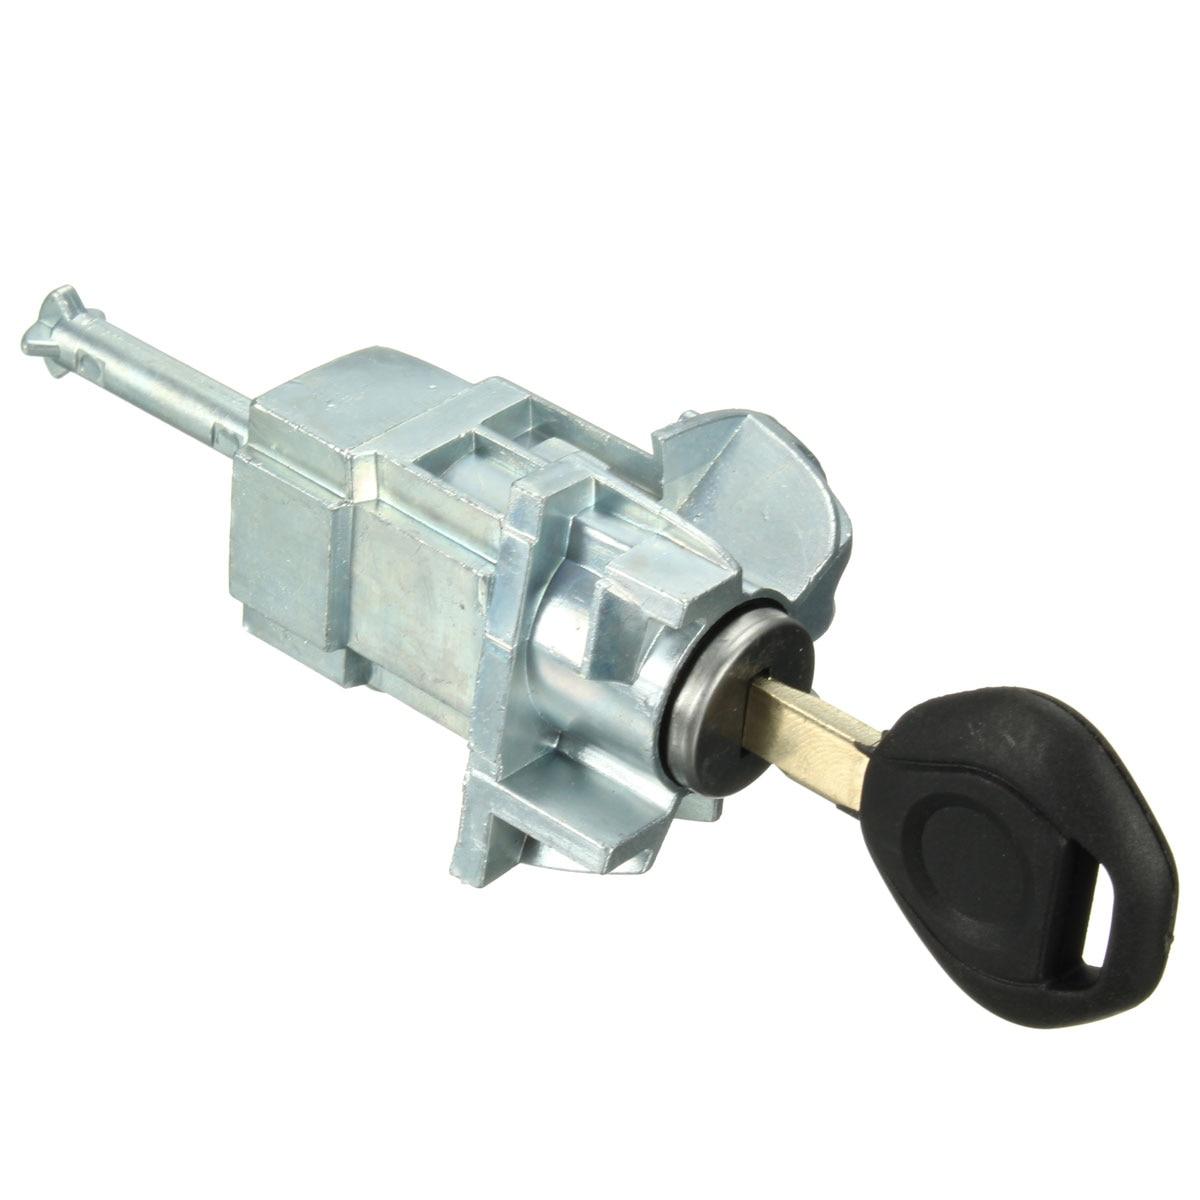 Für BMW/E46 3 Serie Vorne Links Fahrer Tür Schließzylinder Barrel Montage Schlüssel